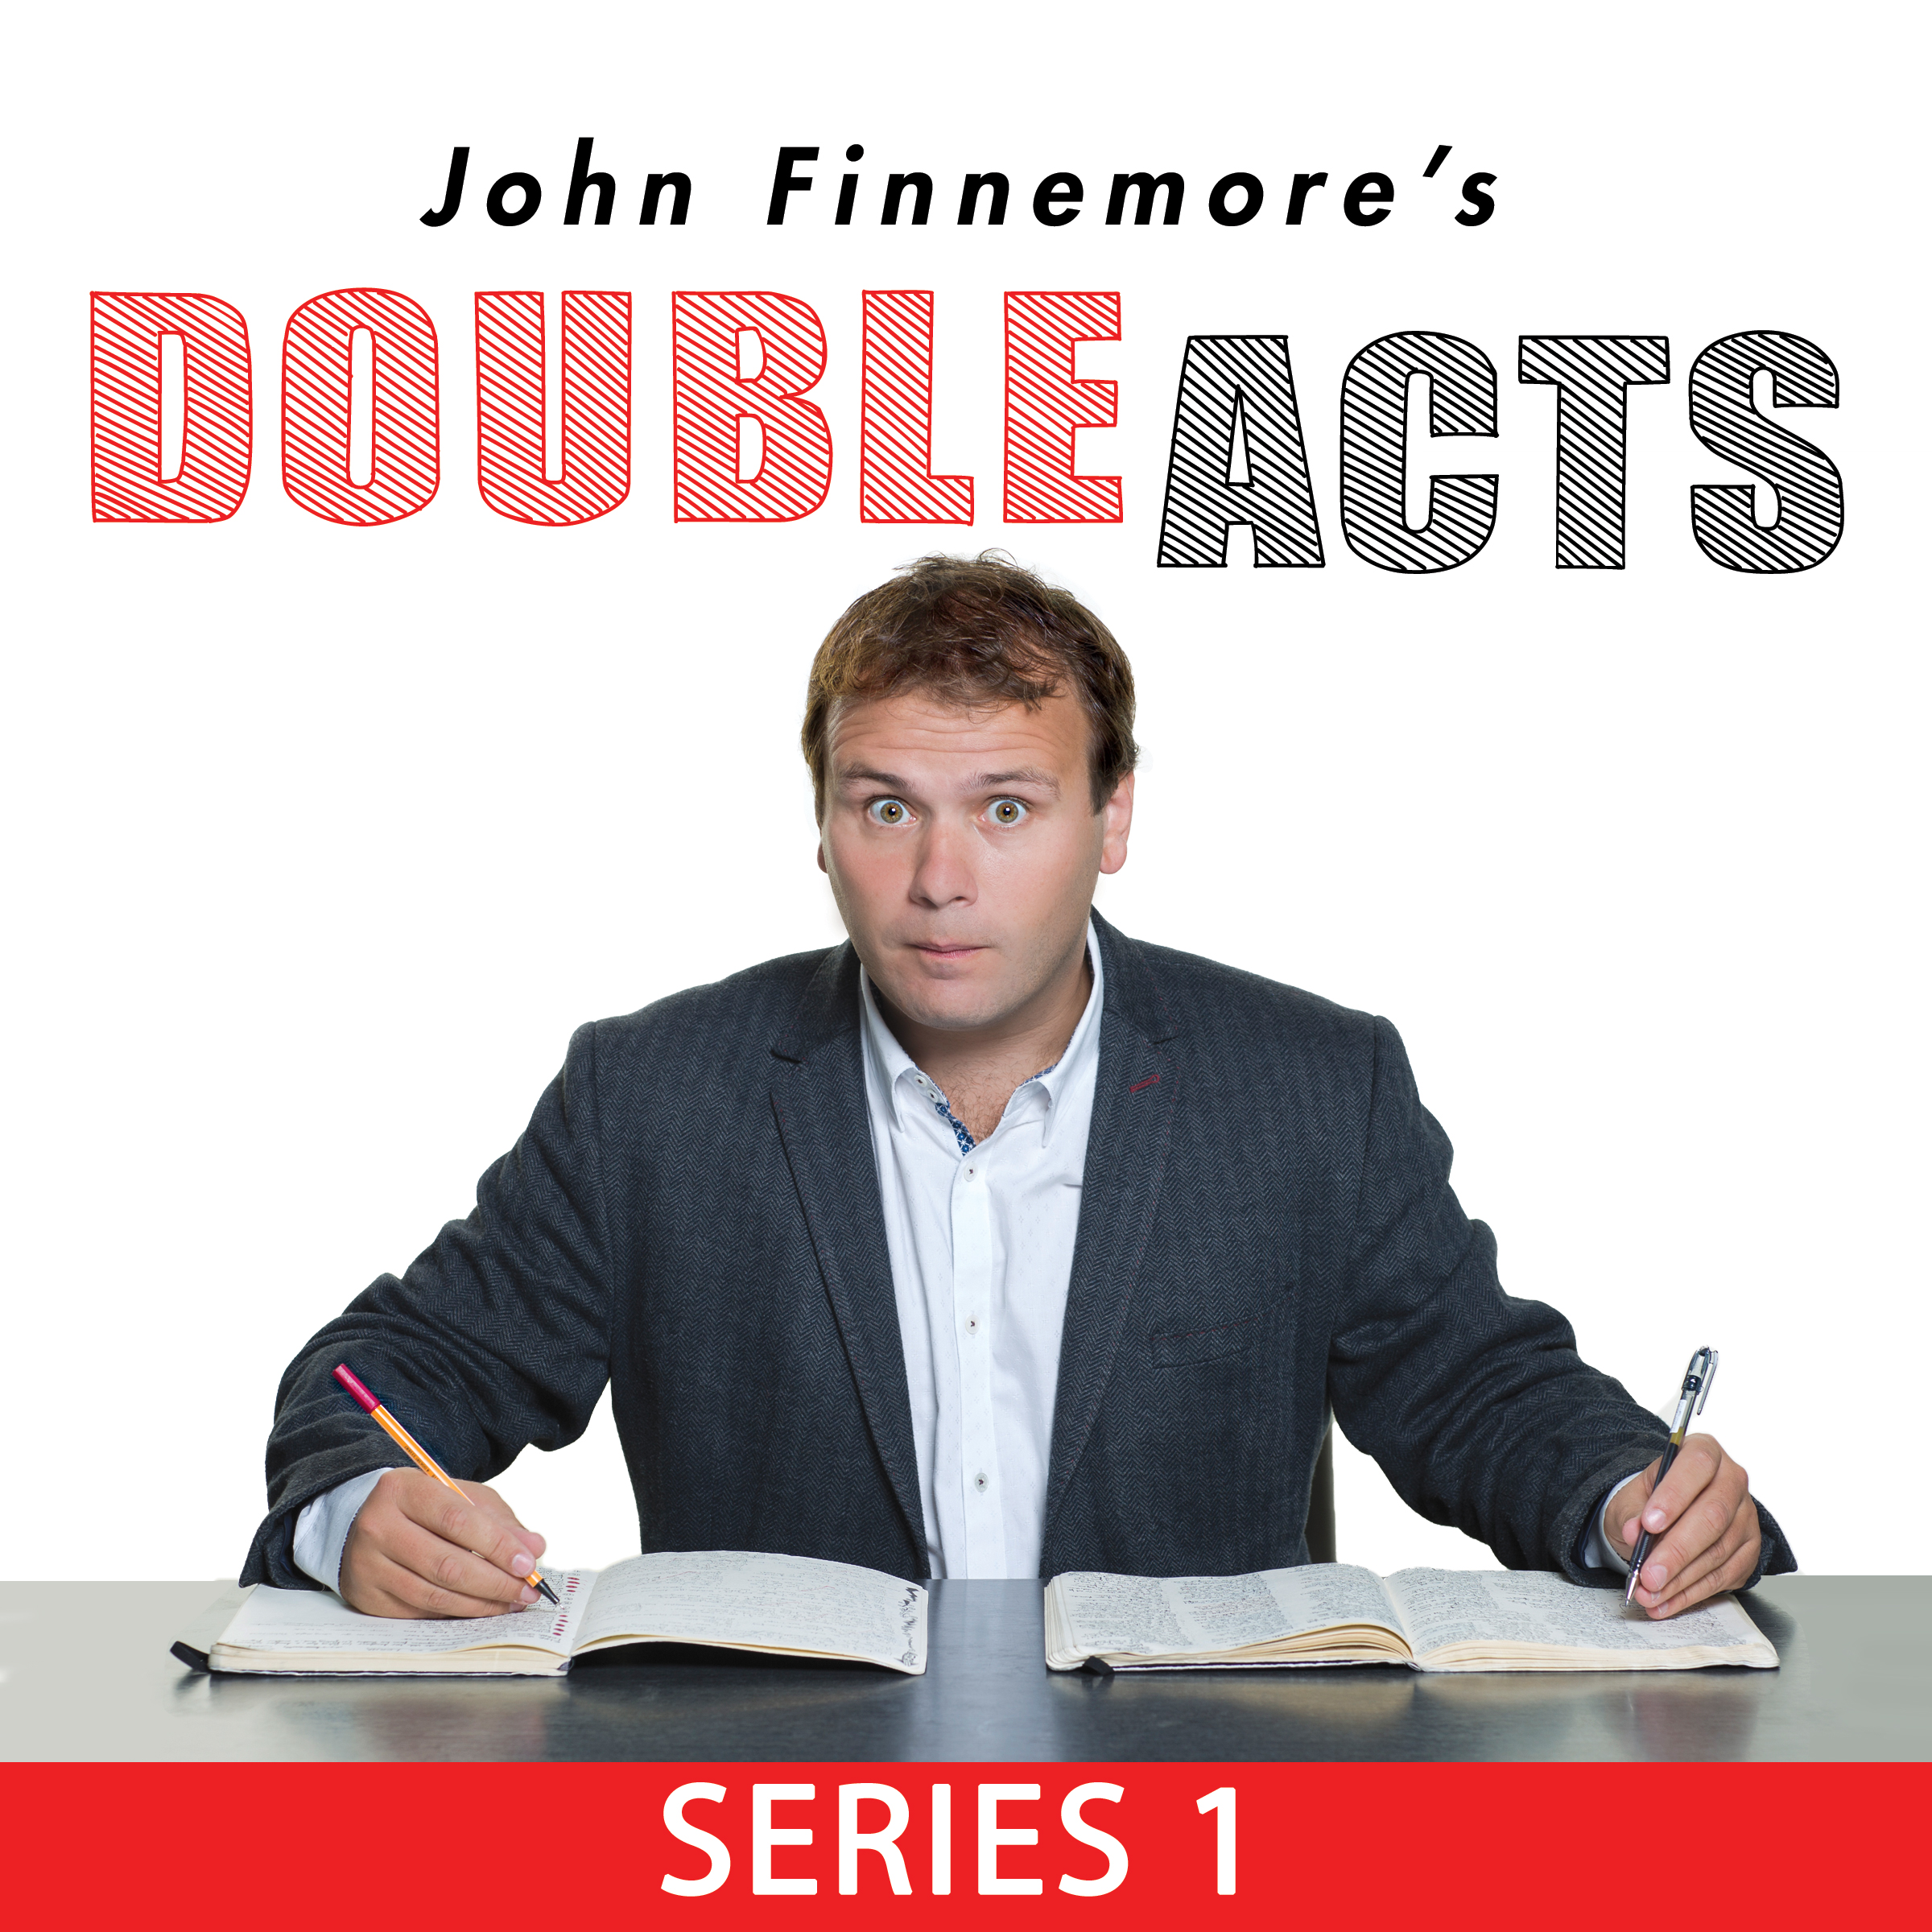 Series 1 CD